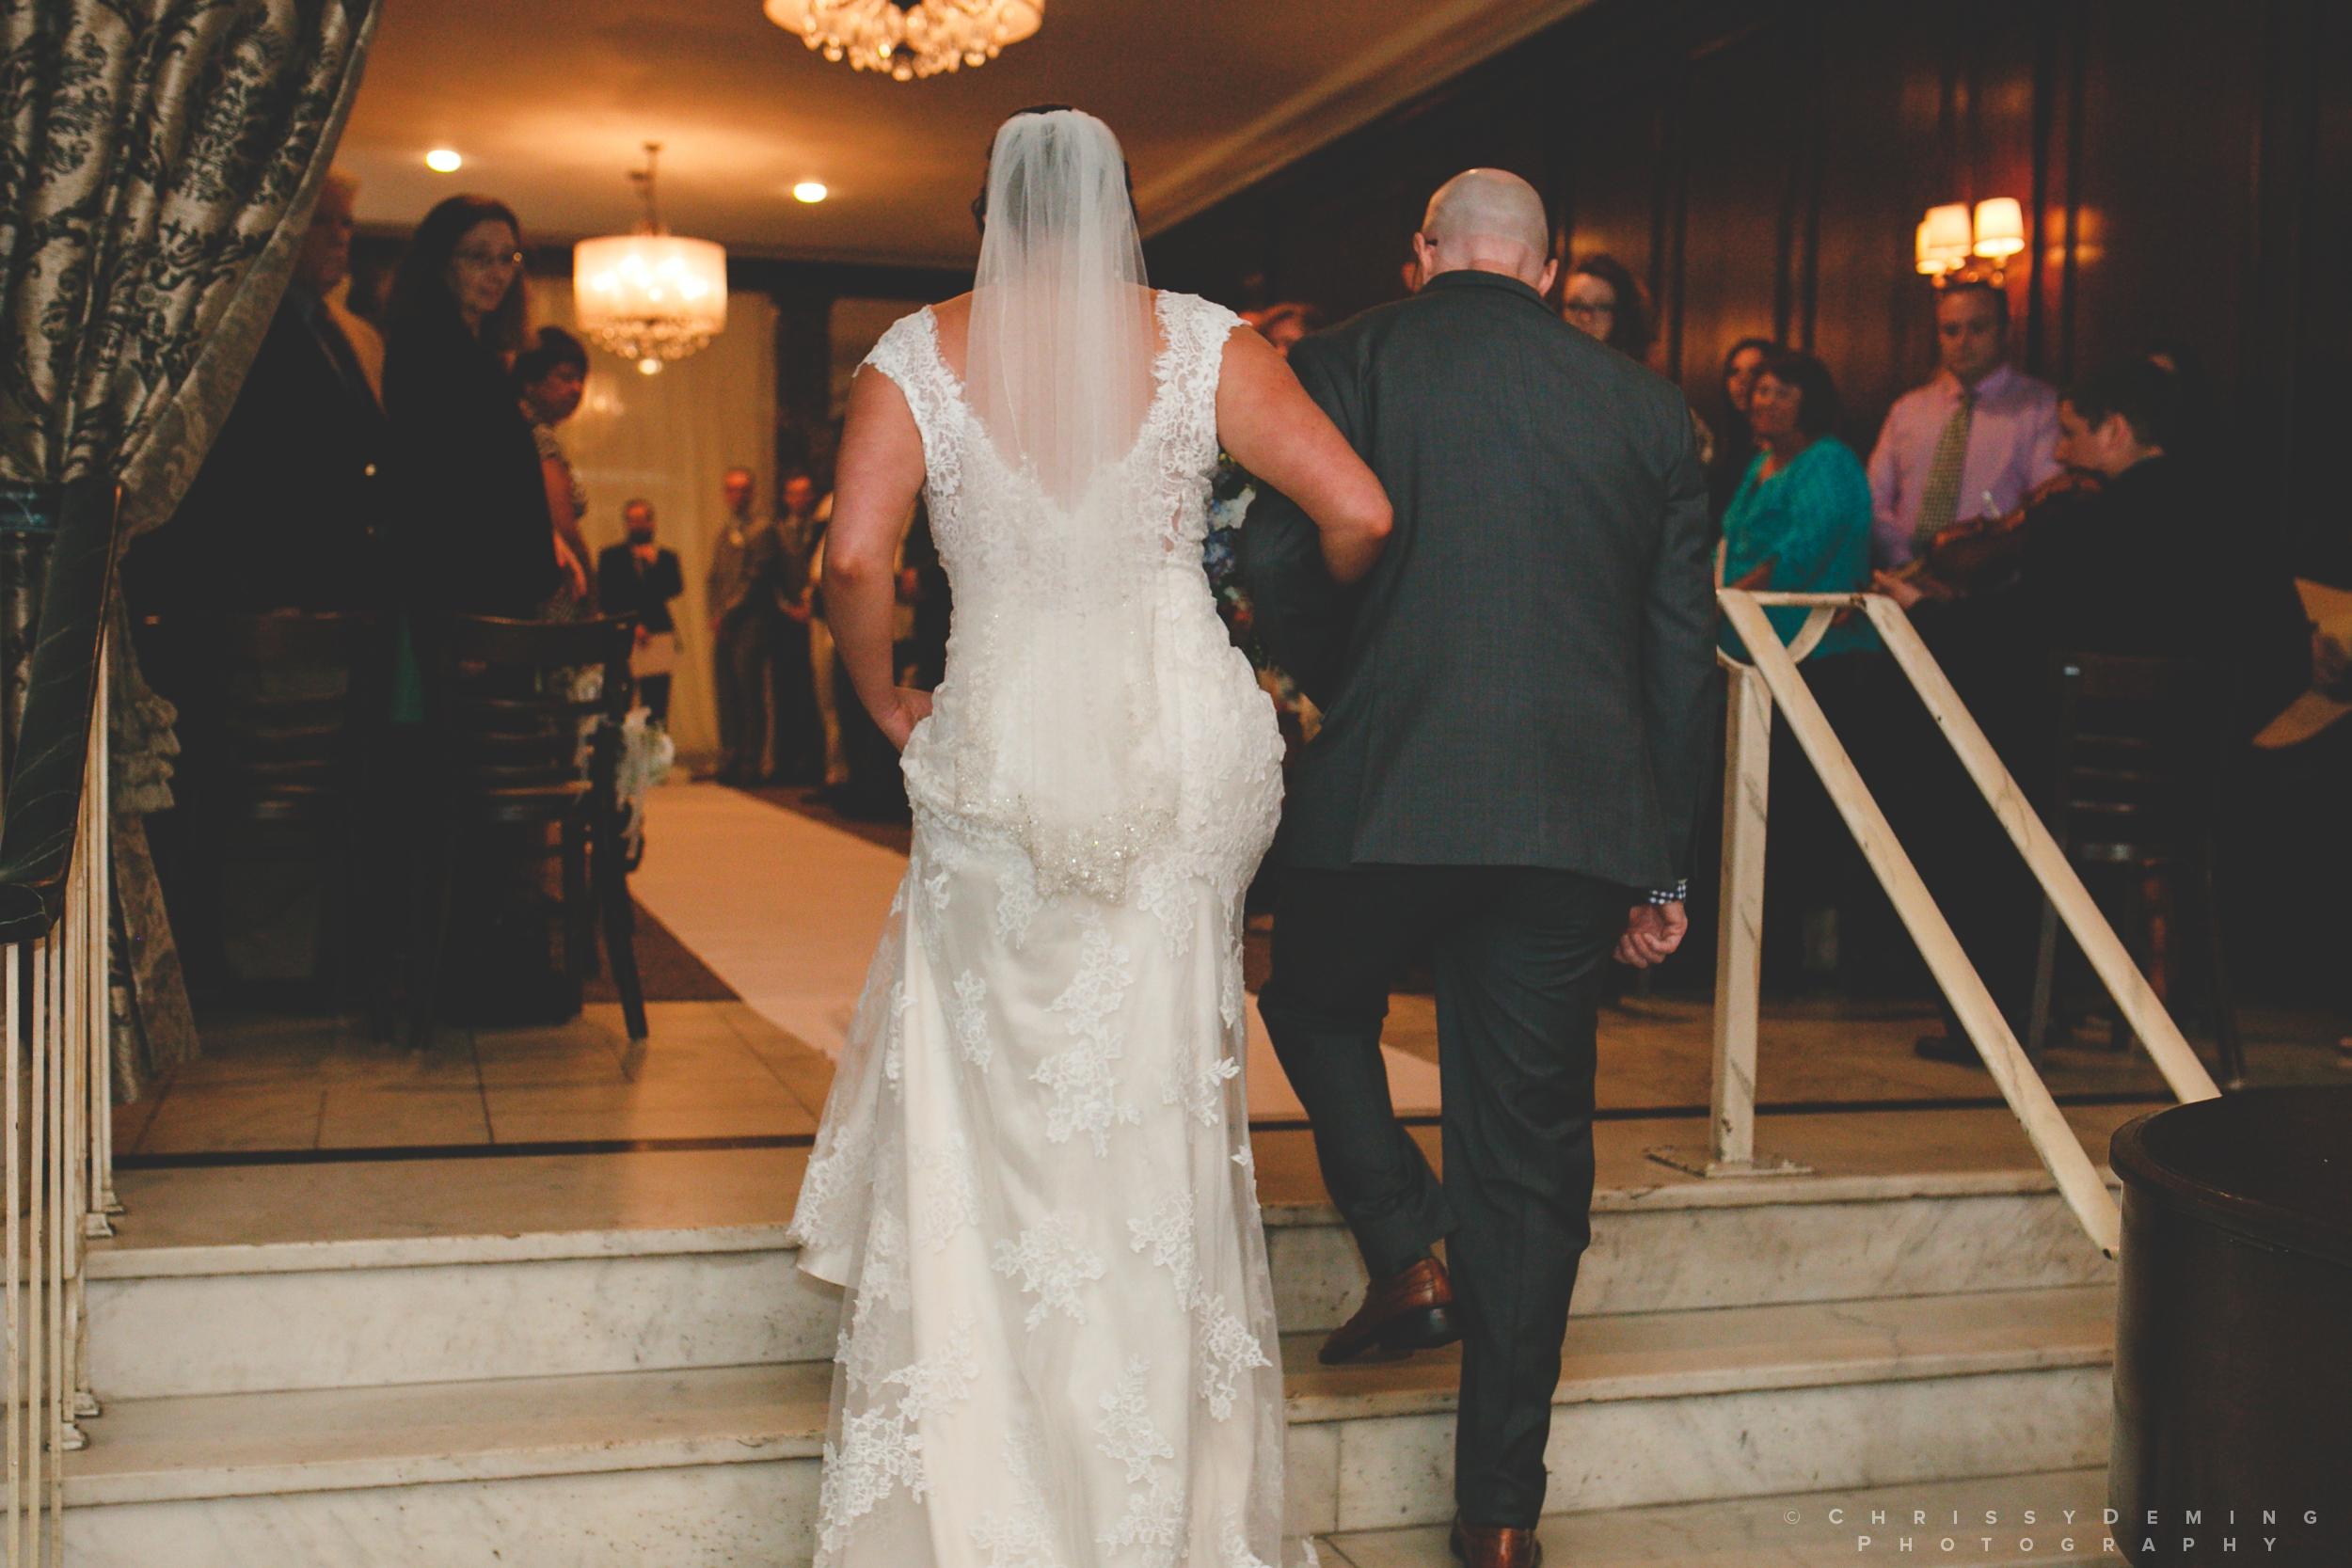 salvatores_chicago_ wedding_photographer_0041.jpg